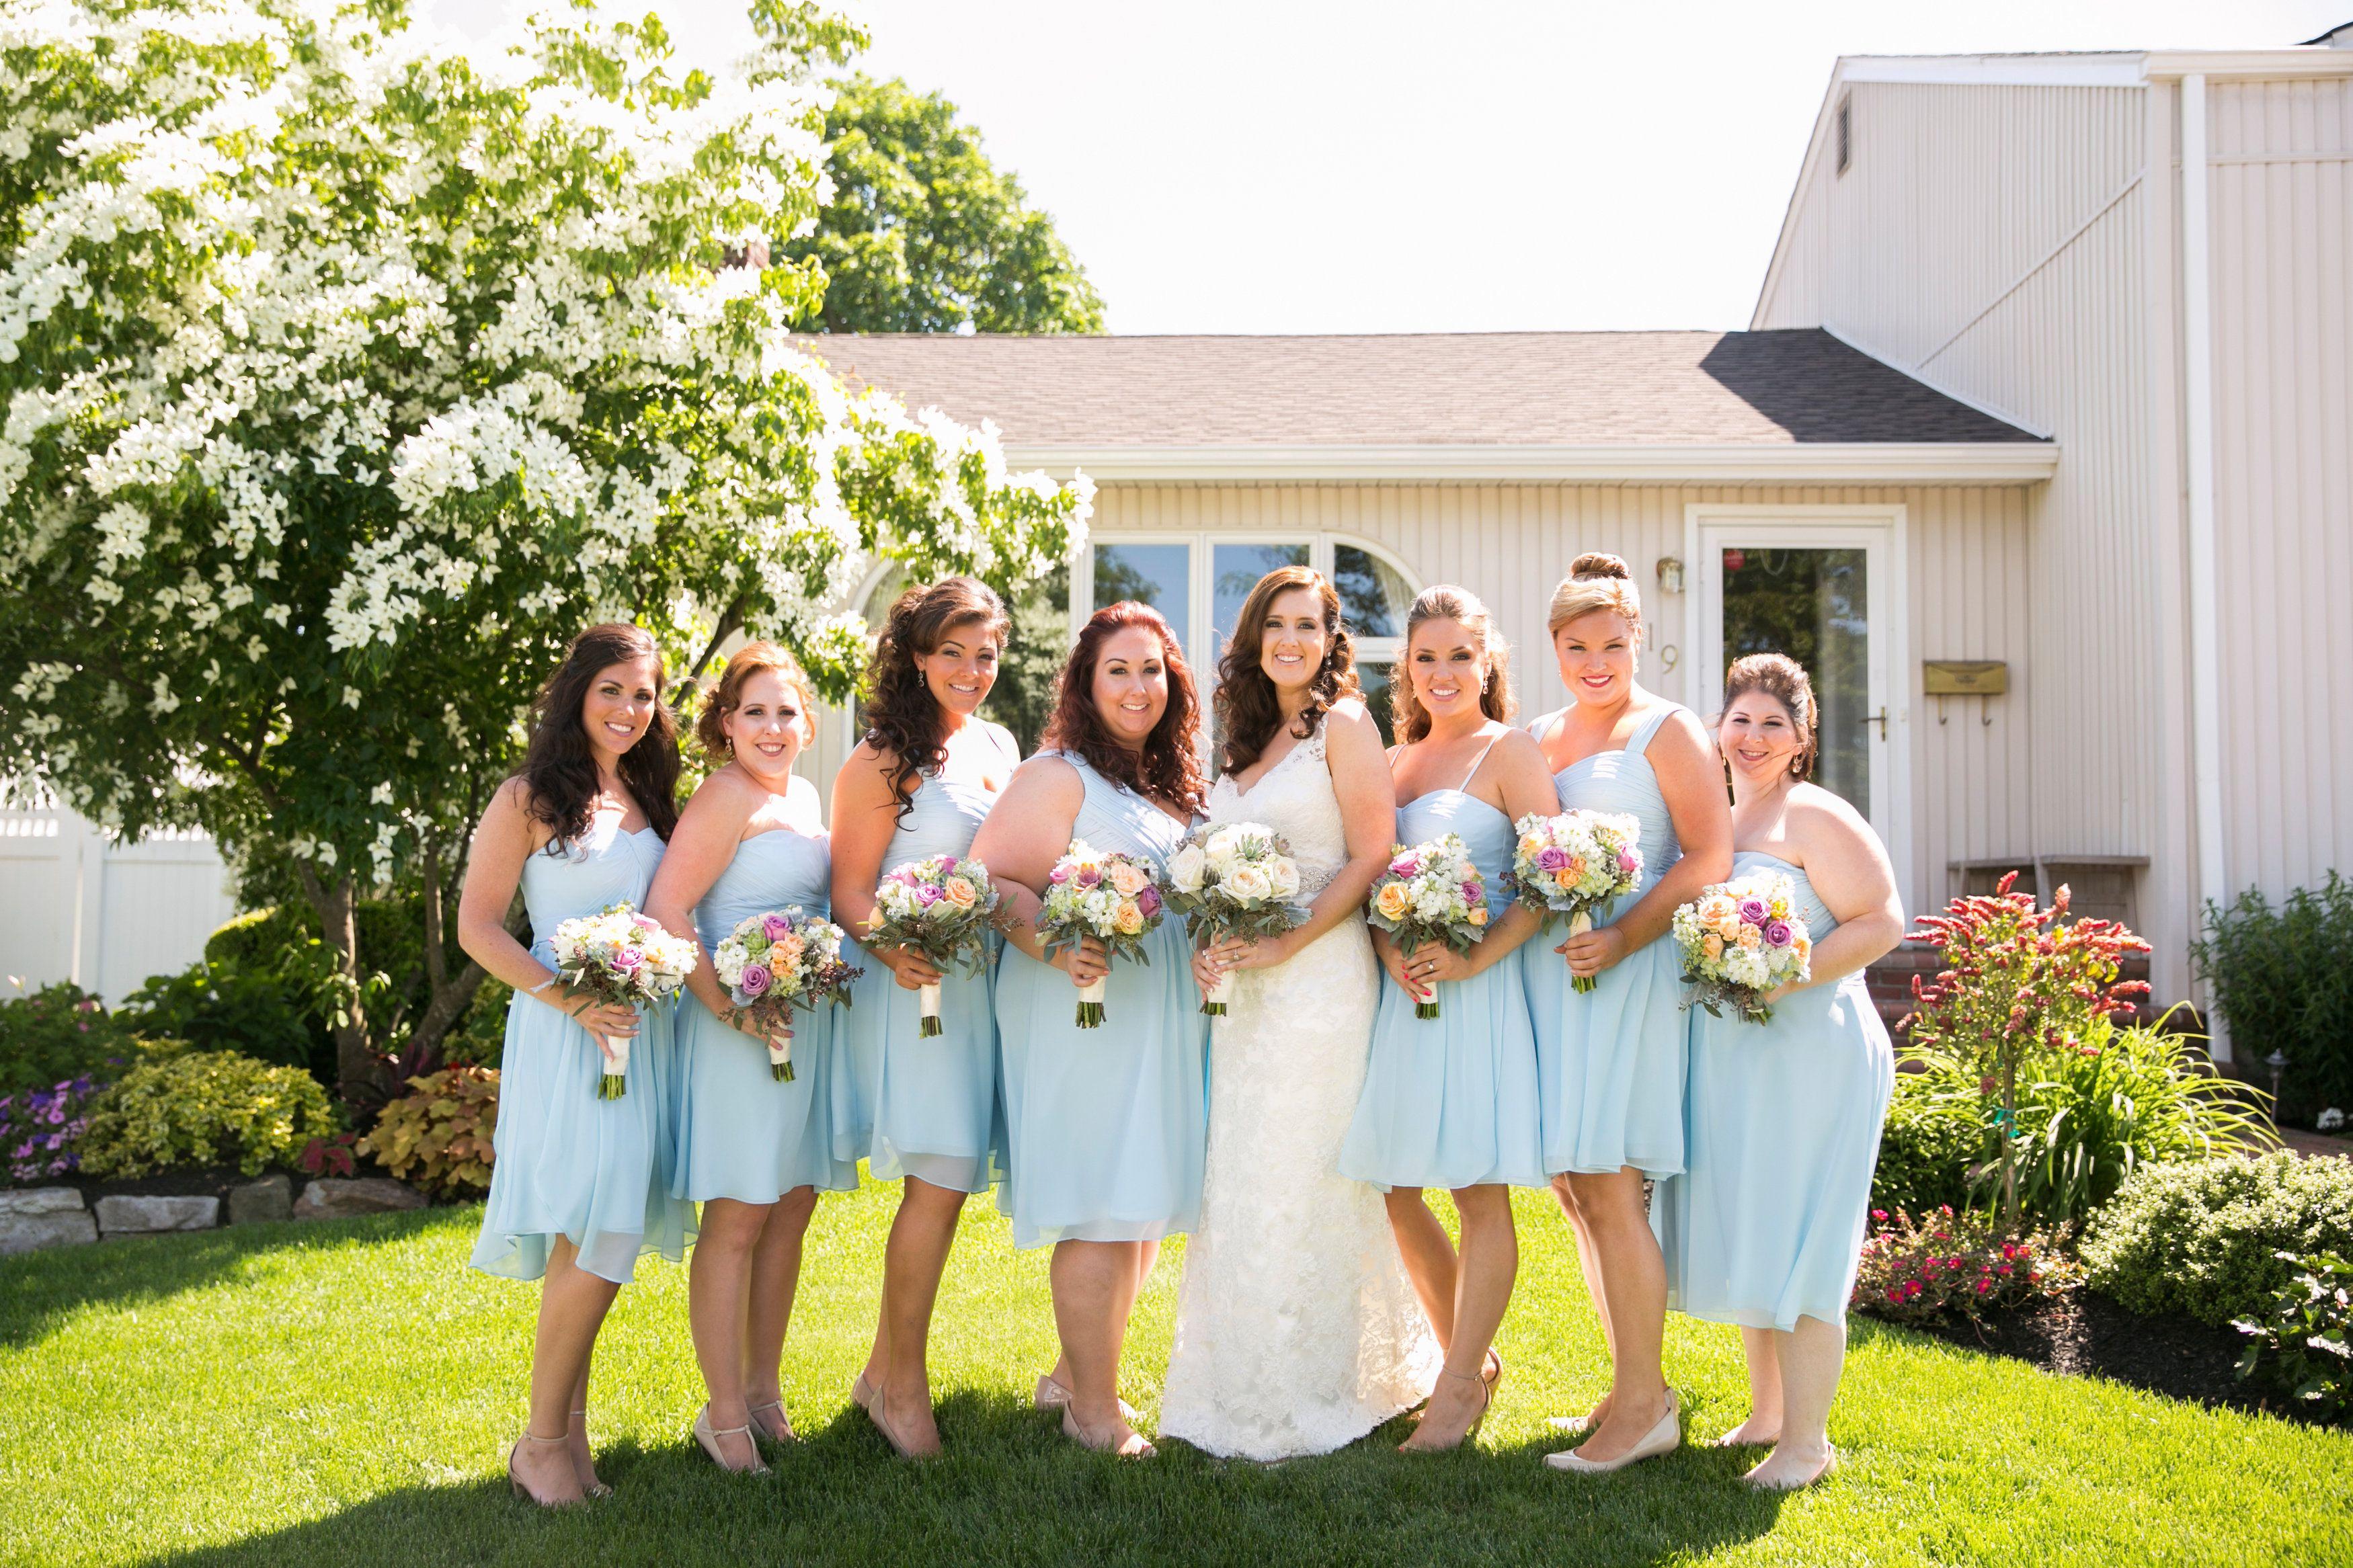 Bride & Bridesmaids - Lace & Light Blue #whitepearphoto #finkwedding2014 #bride #bridesmaids #lightblue #blue #lace